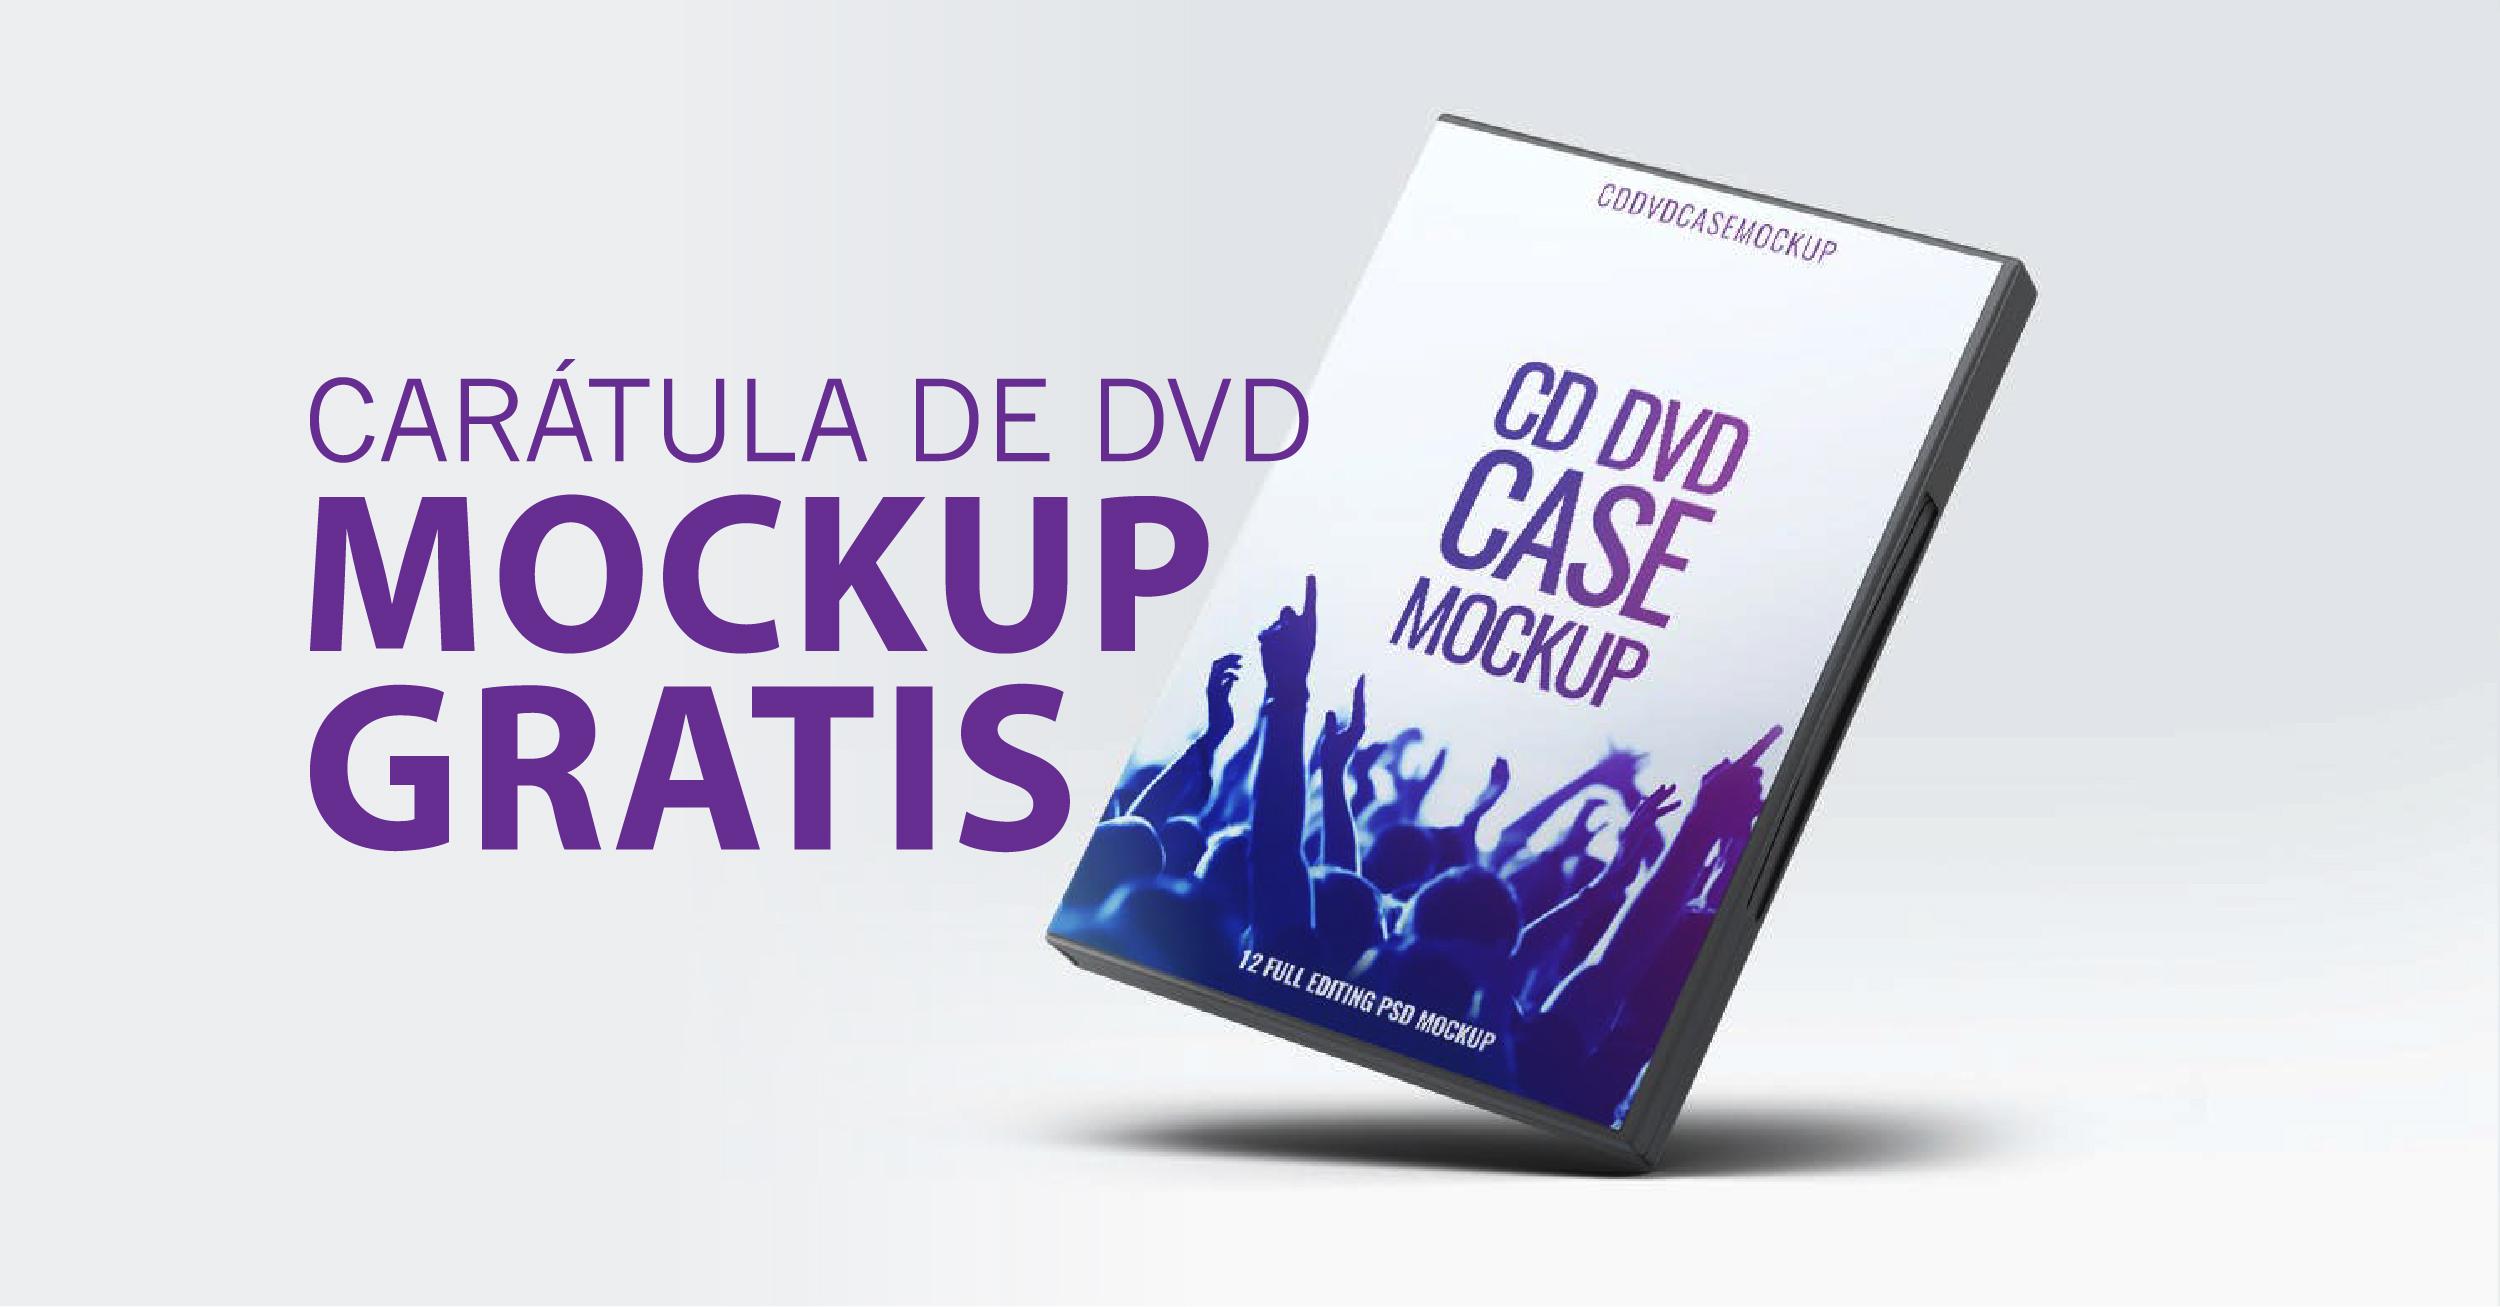 Carátula de DVD Mockup | Descarga GRATIS